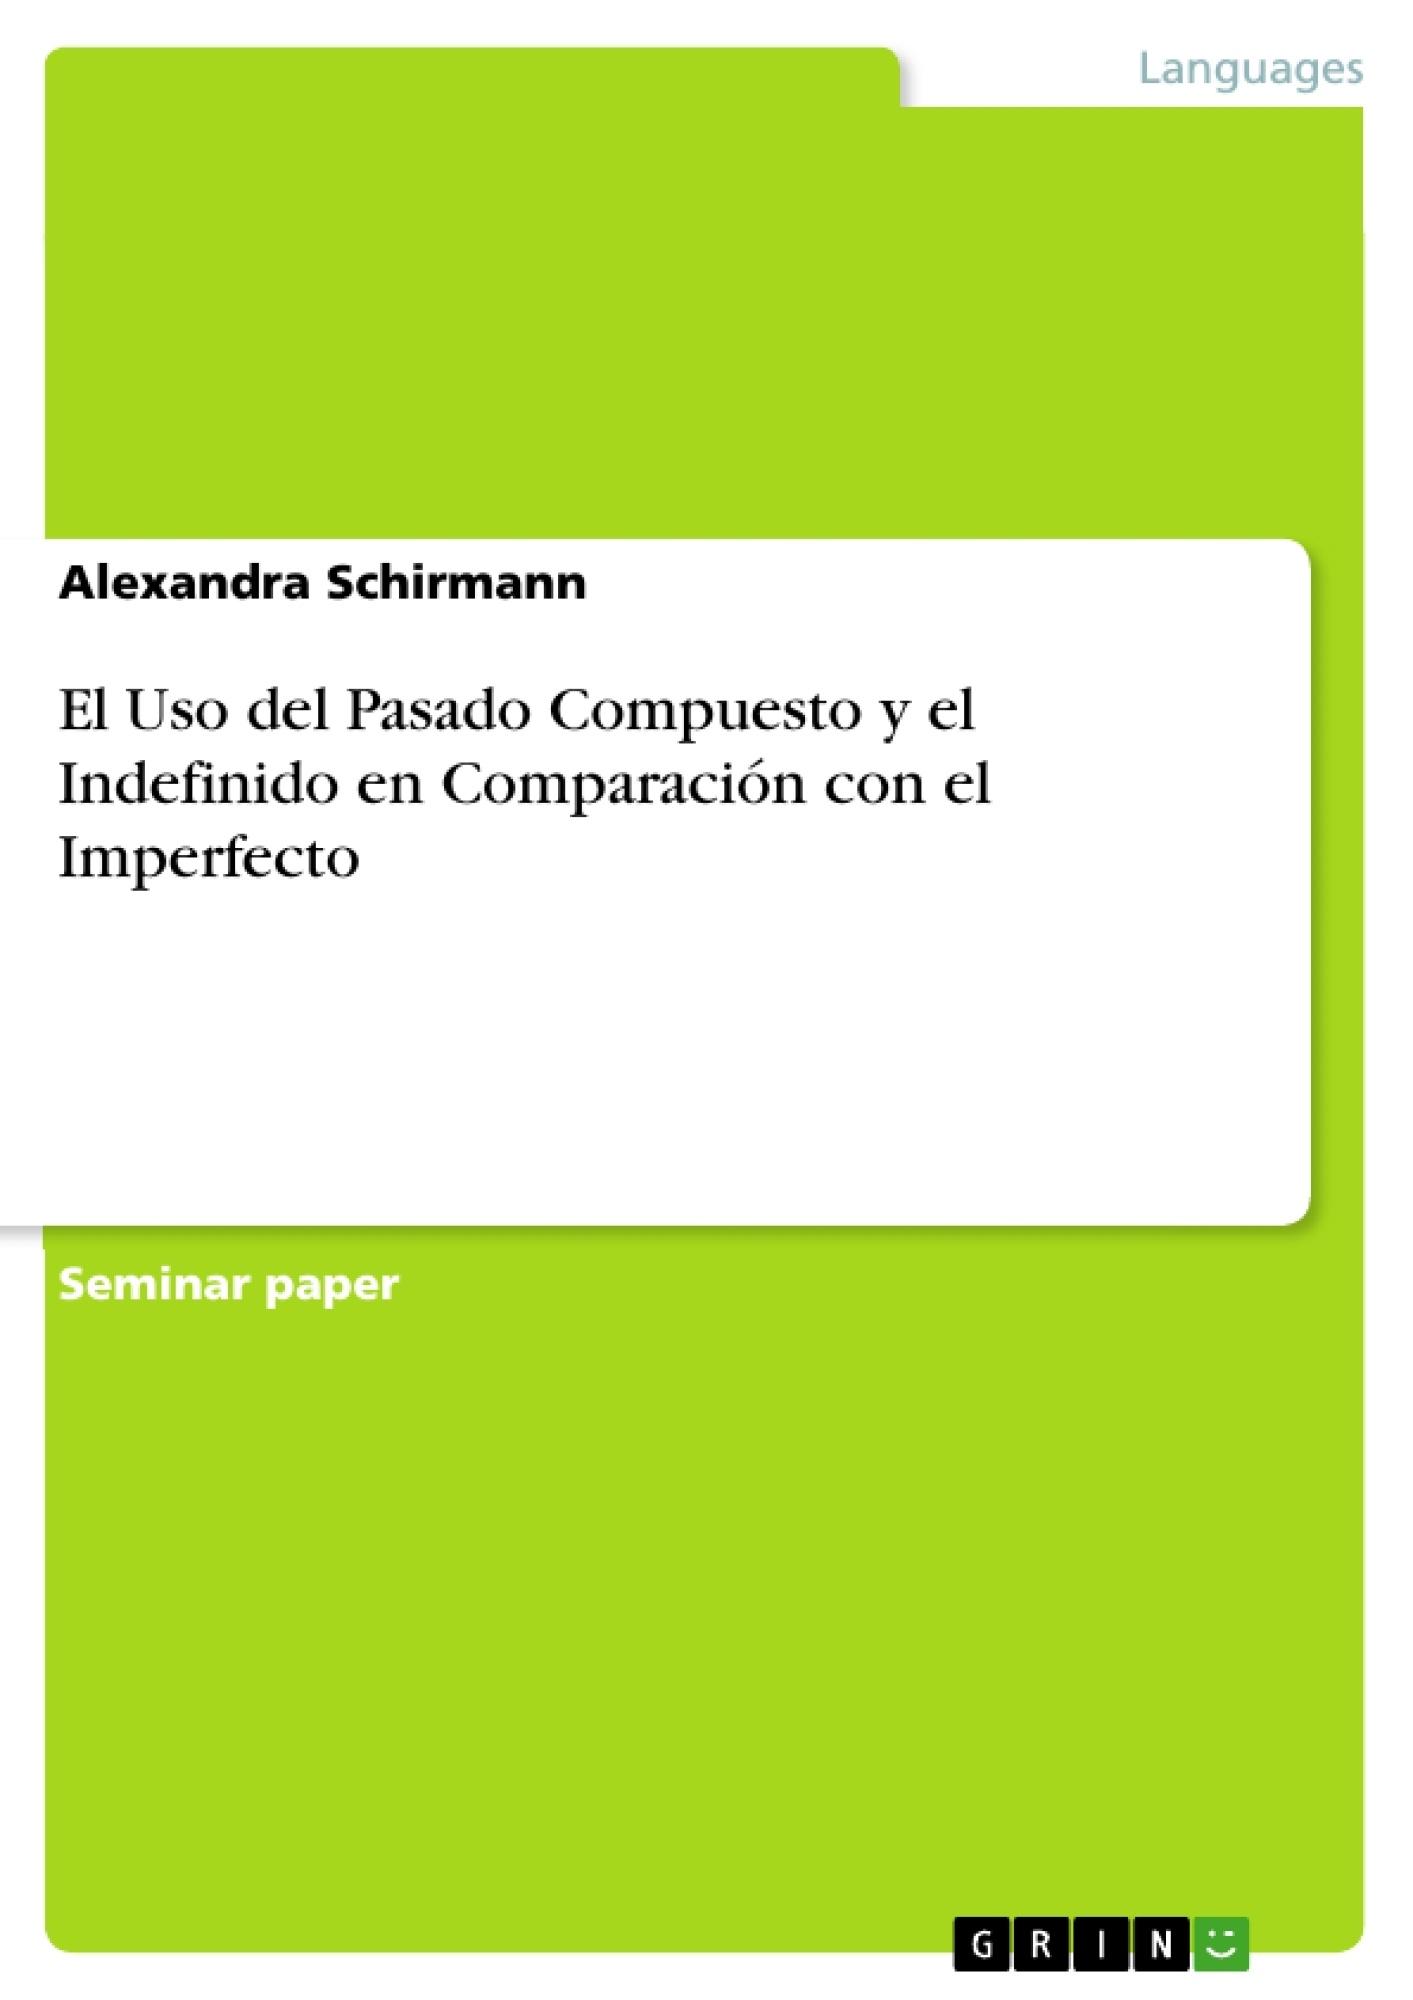 Título: El Uso del Pasado Compuesto y el Indefinido en Comparación con el Imperfecto